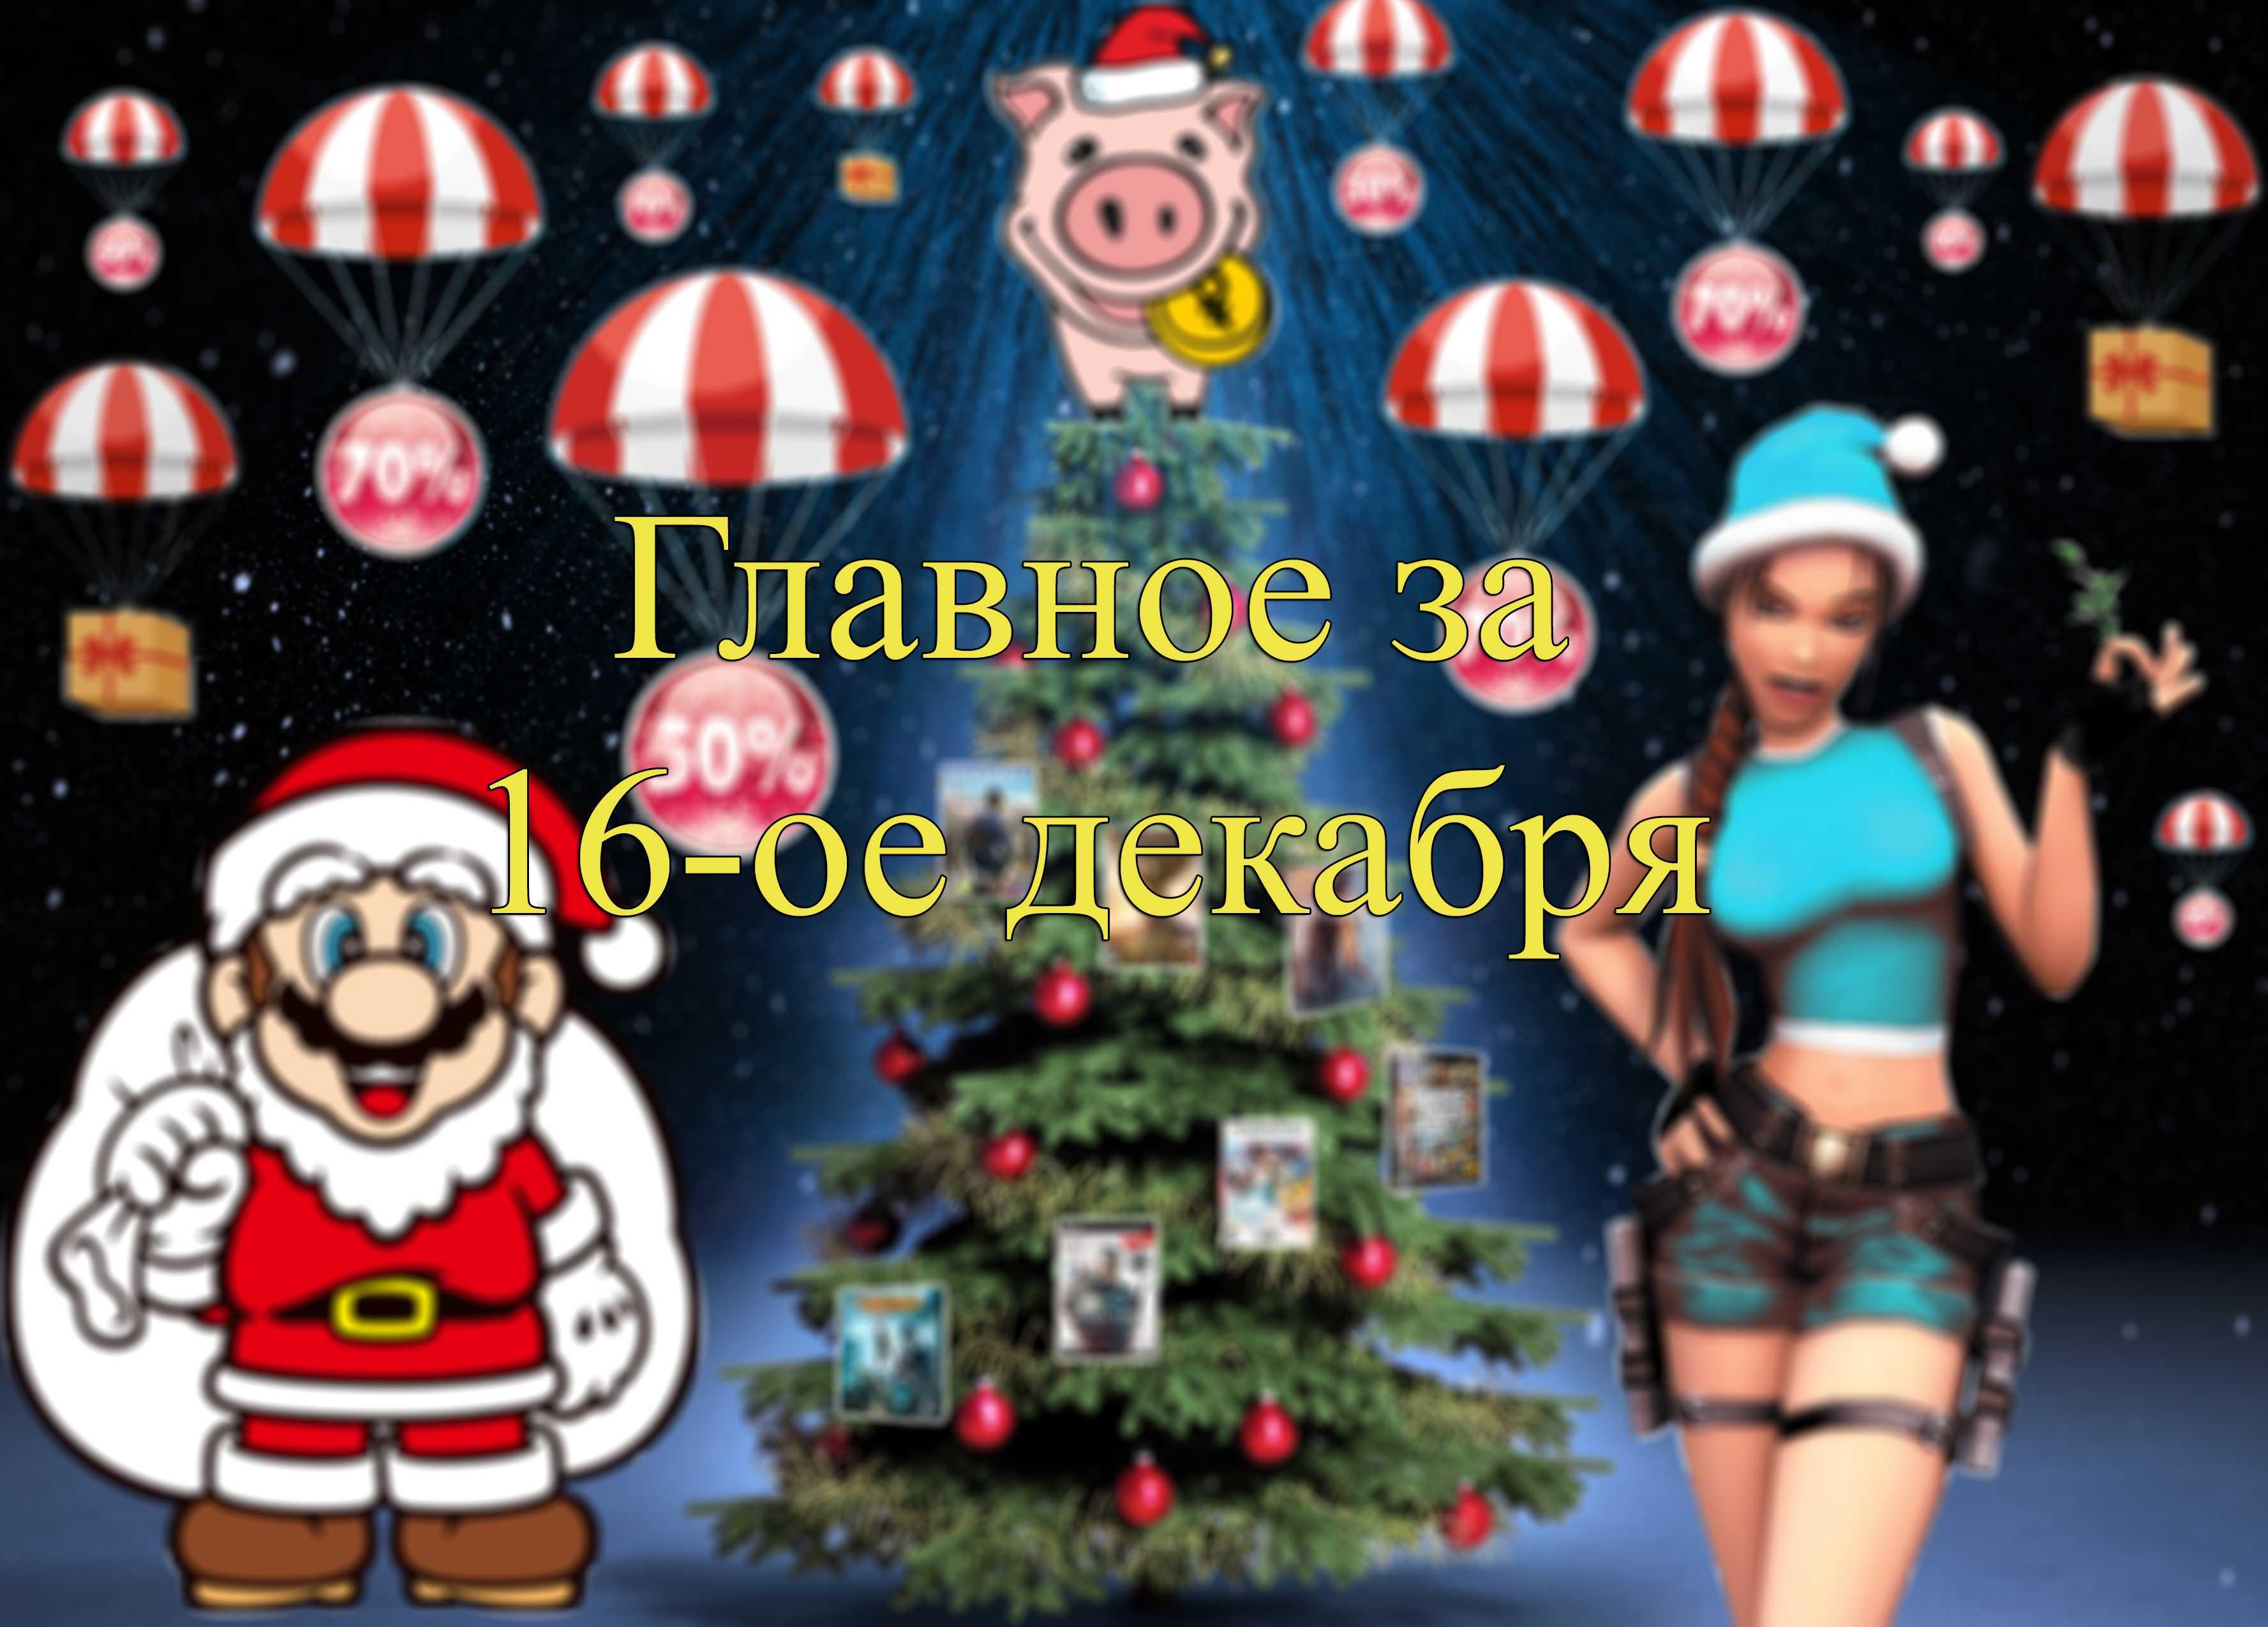 Новости Зимней Распродажи — 16 декабря